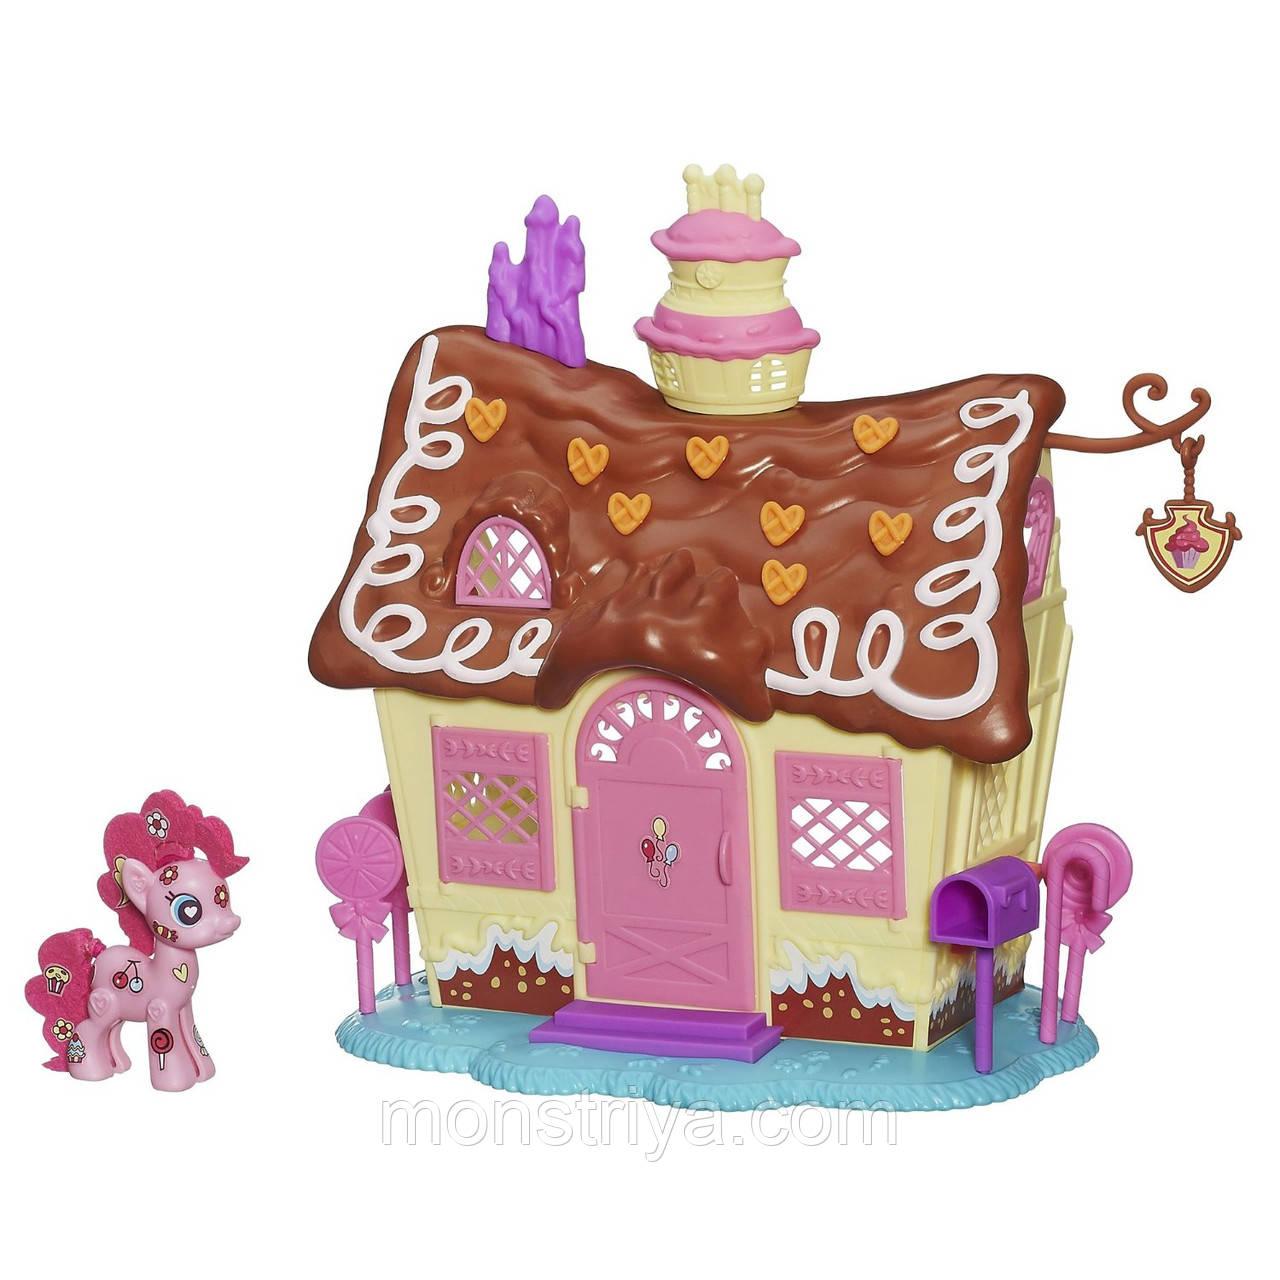 """Игровой набор """"Пряничный домик"""" Пинки пай, Май Литл Пони, My Little Pony, фото 1"""